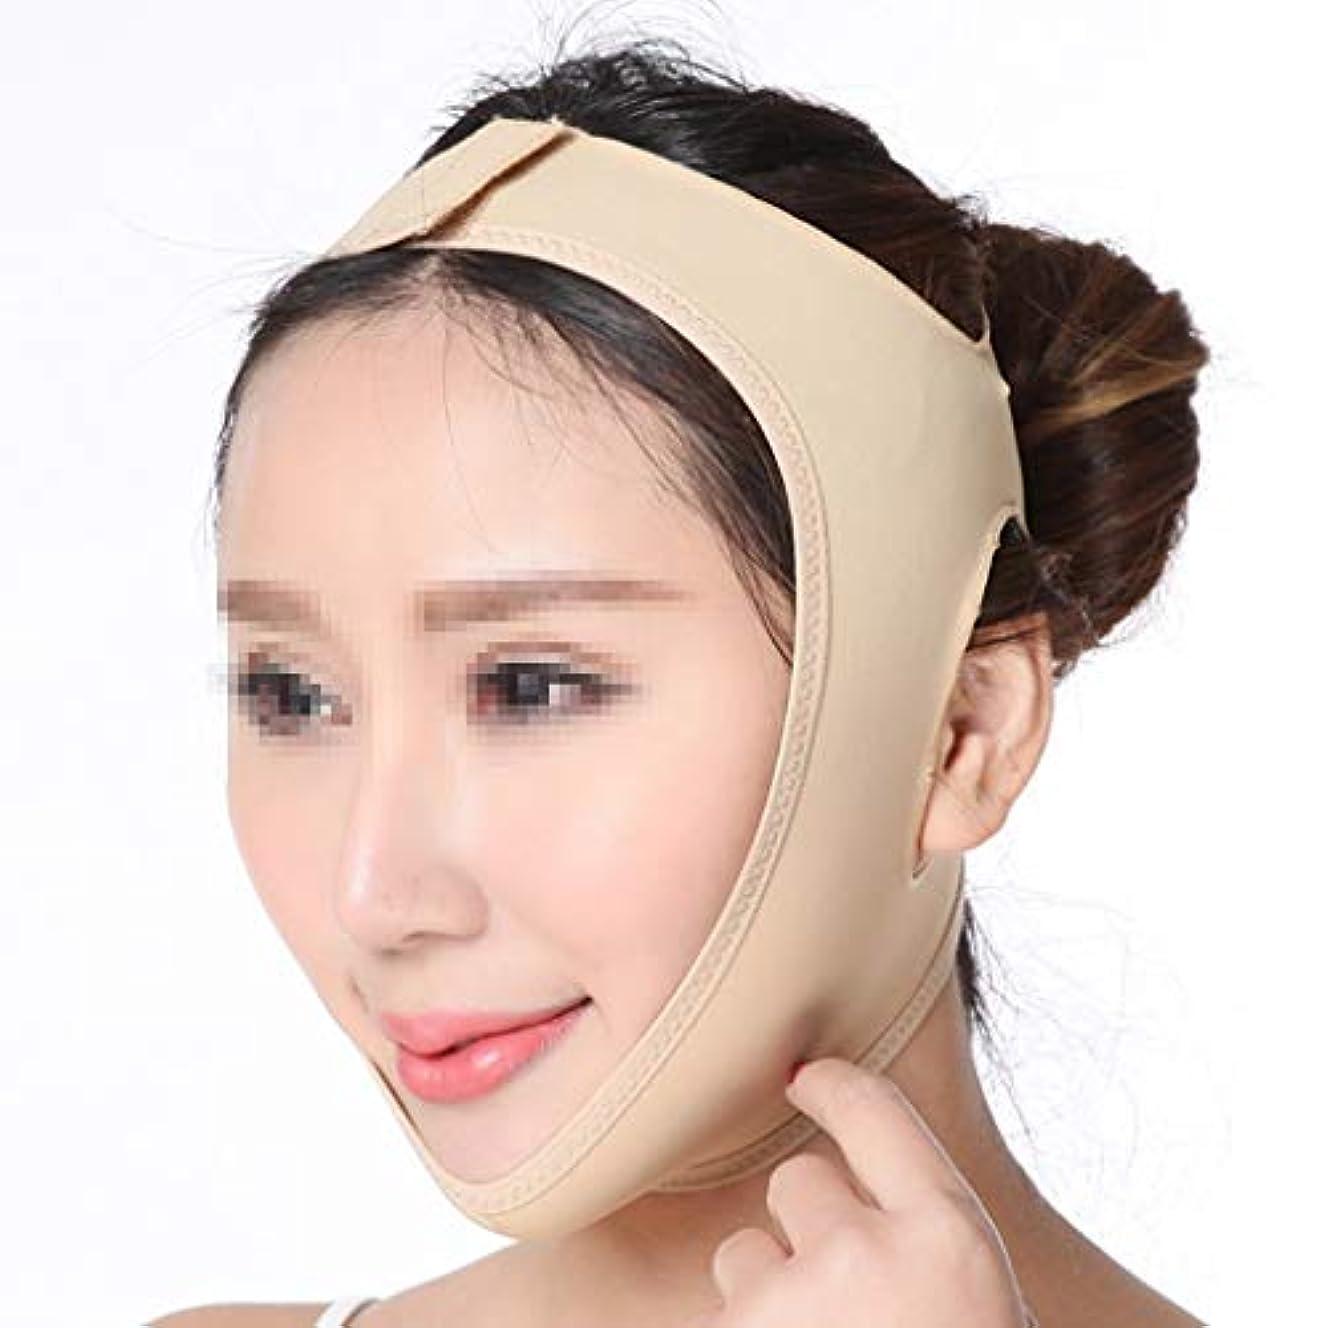 正義またはどちらかれる美容マスク、回復後のライン彫刻二重あごフェイスリフトアーティファクトフェイス小型Vフェイス楽器包帯リフティングケアヘッドギア (Size : L)